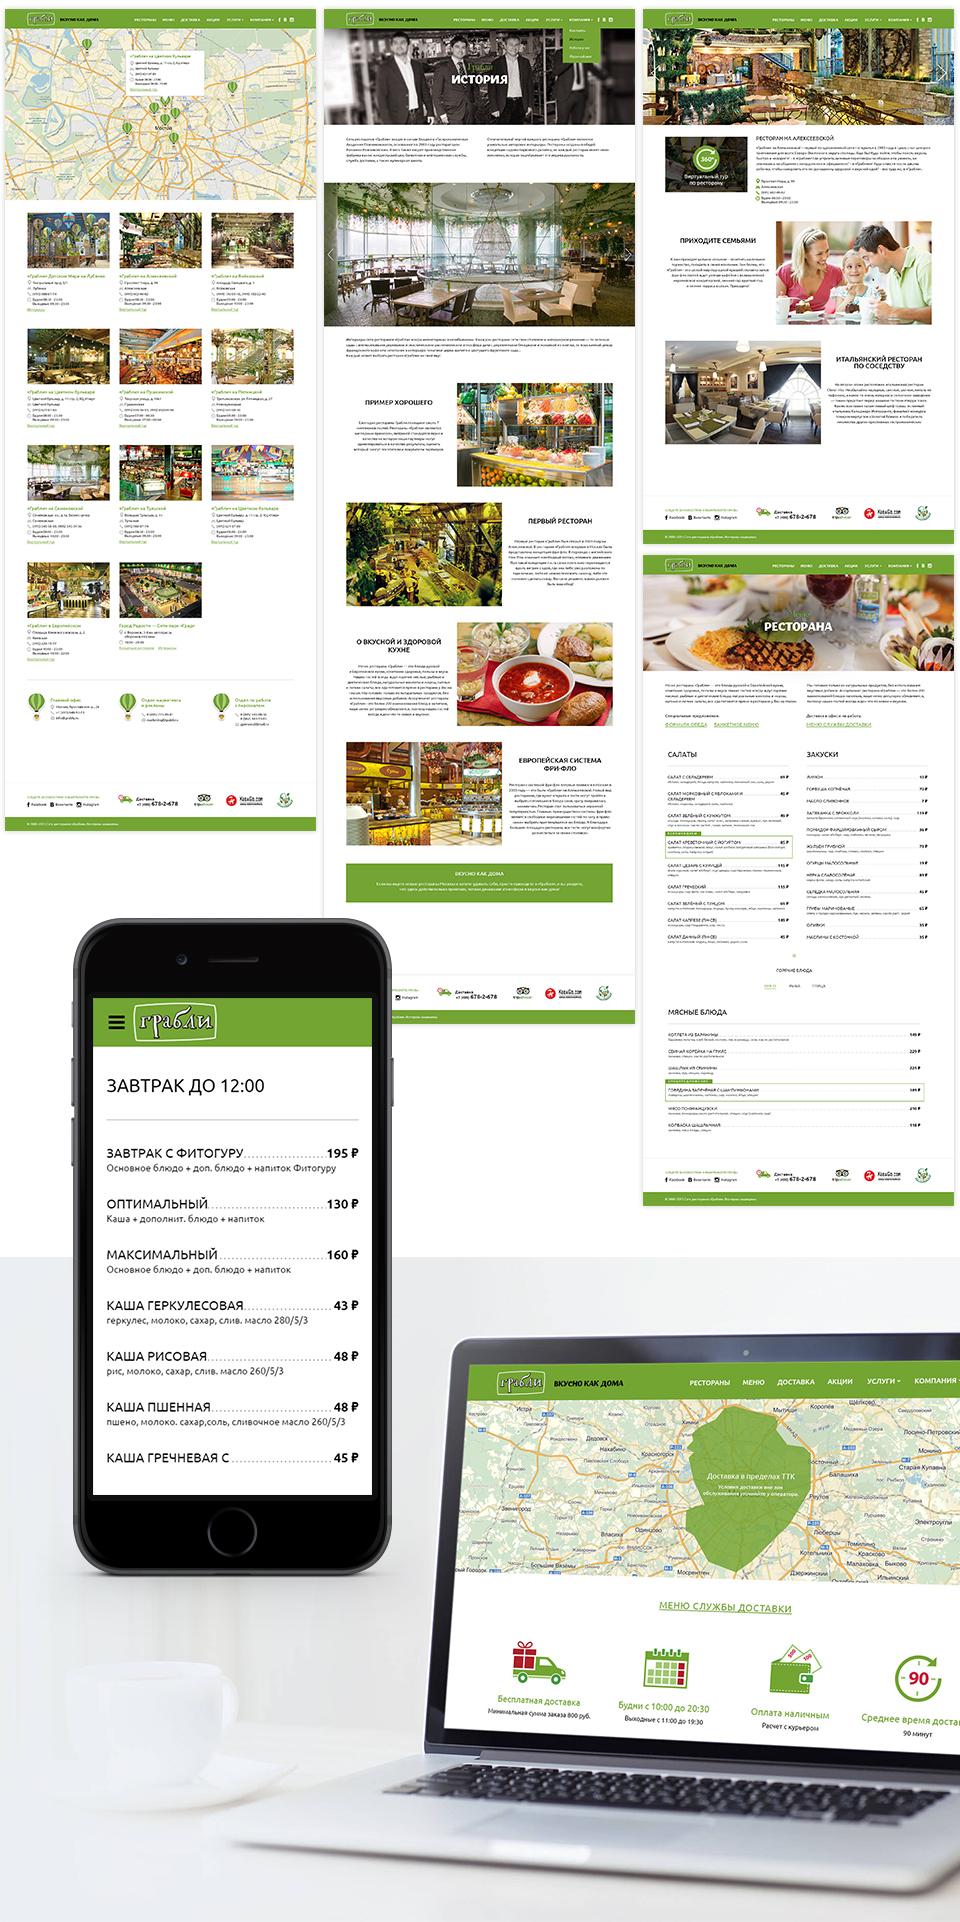 Разработка дизайна сайта для мобильного устройства: рестораны